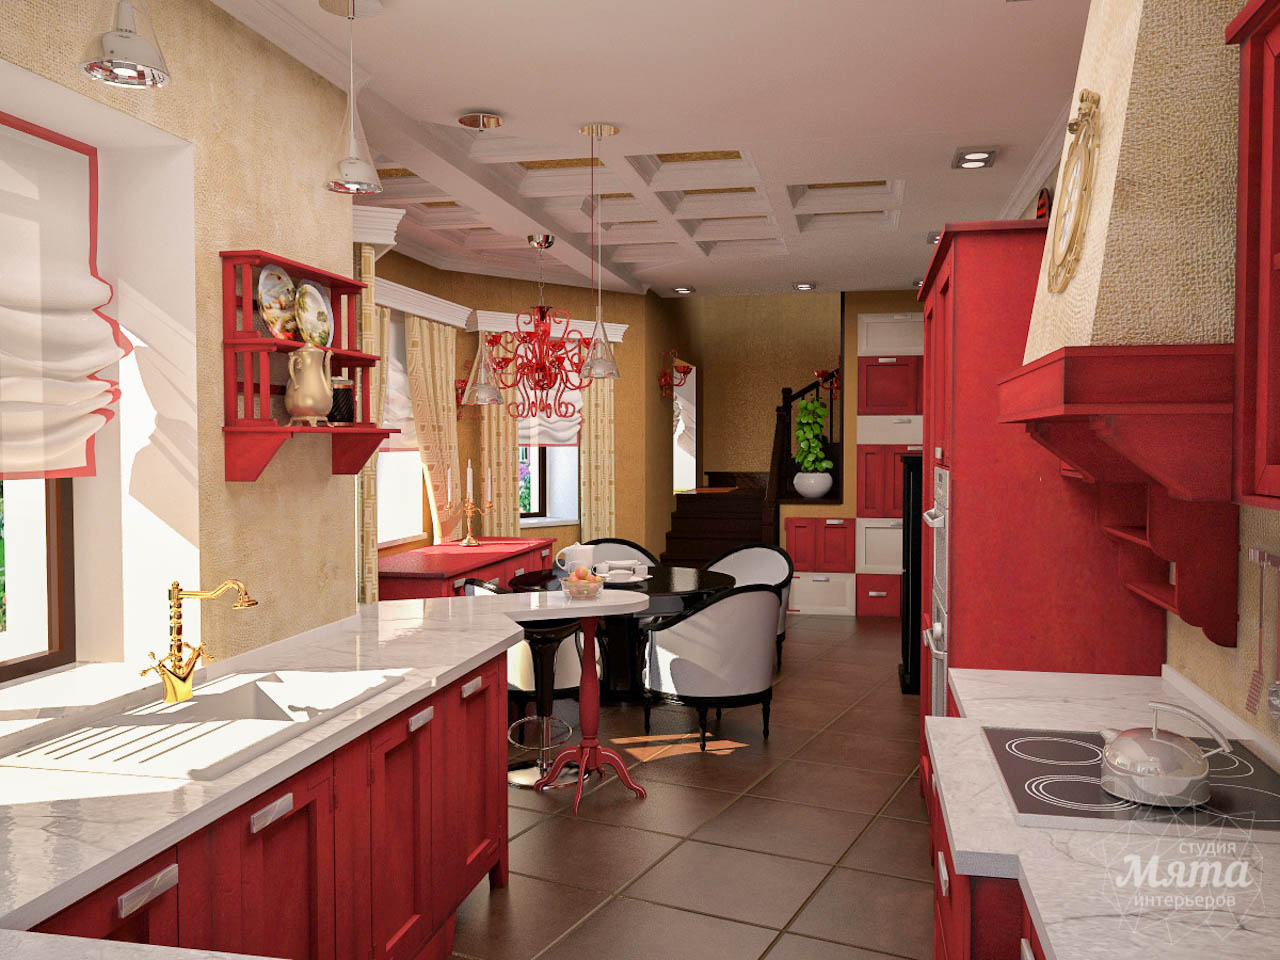 Дизайн интерьера коттеджа первого этажа по ул. Урожайная 17 img1297821677